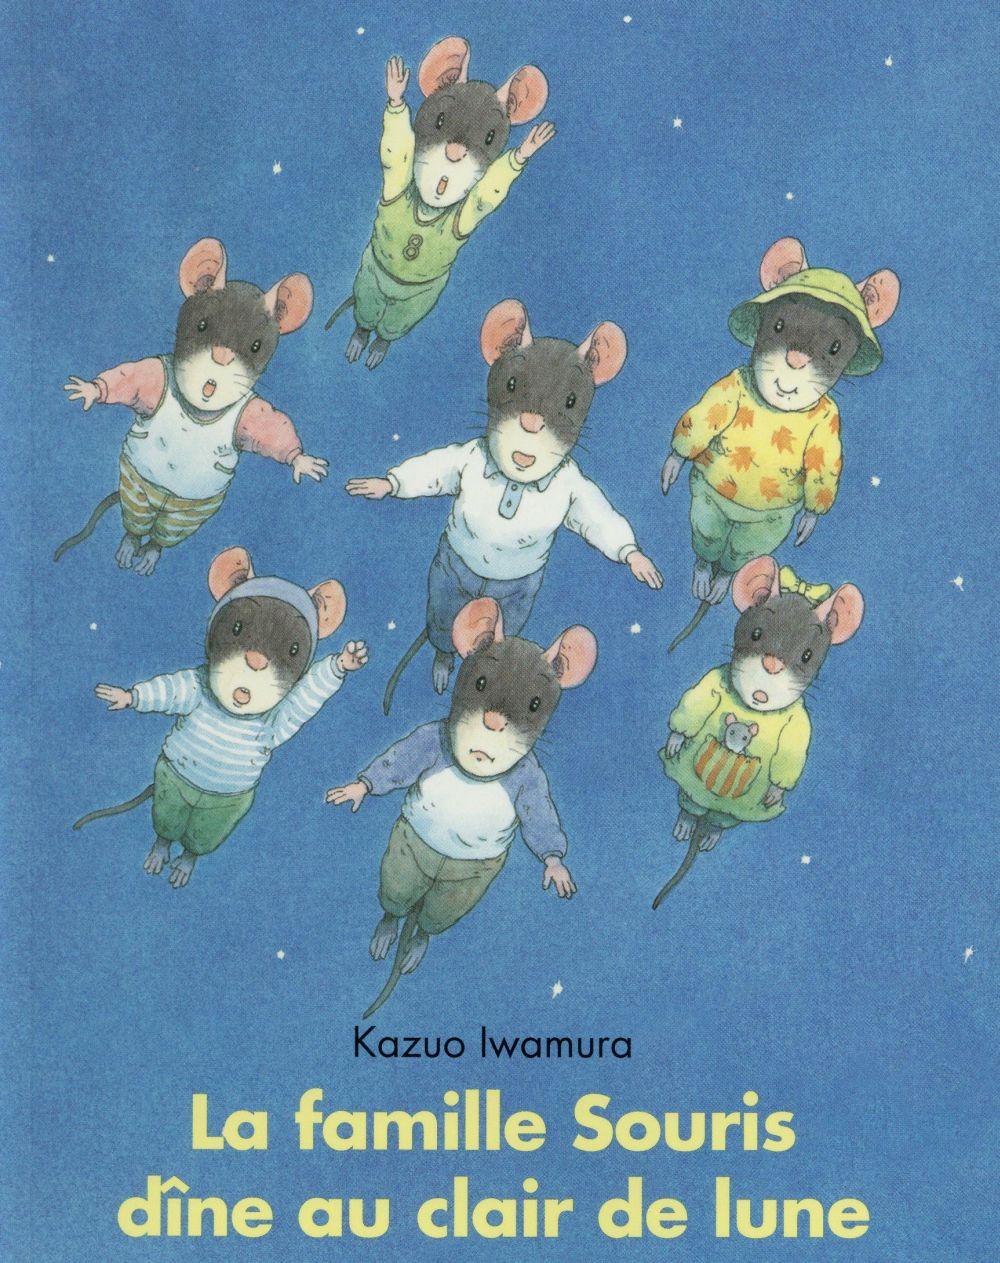 La famille souris dine au clair de lune